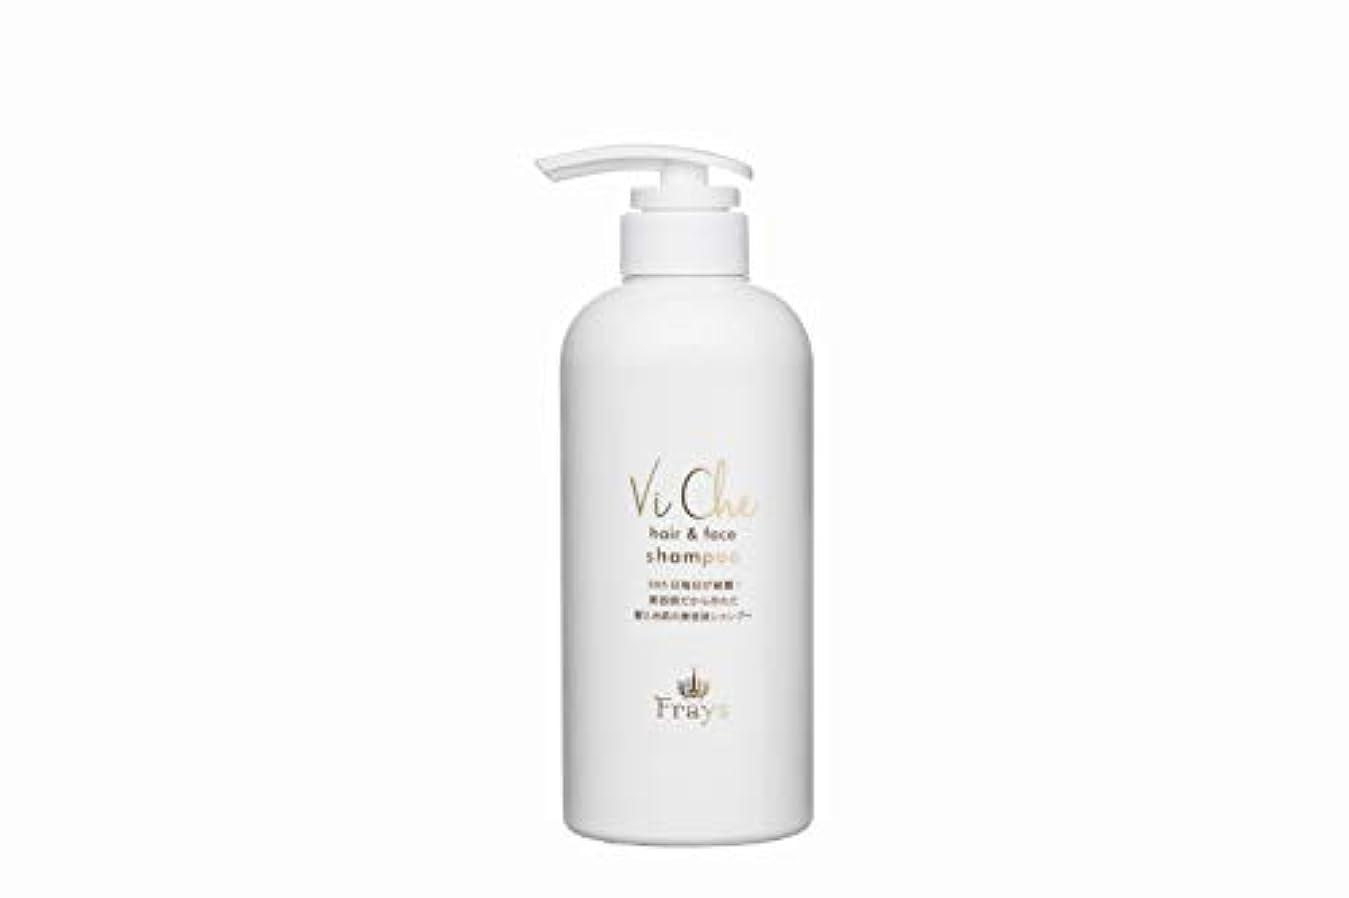 リークチキン学校の先生ViChe hair&face shampoo 500ml